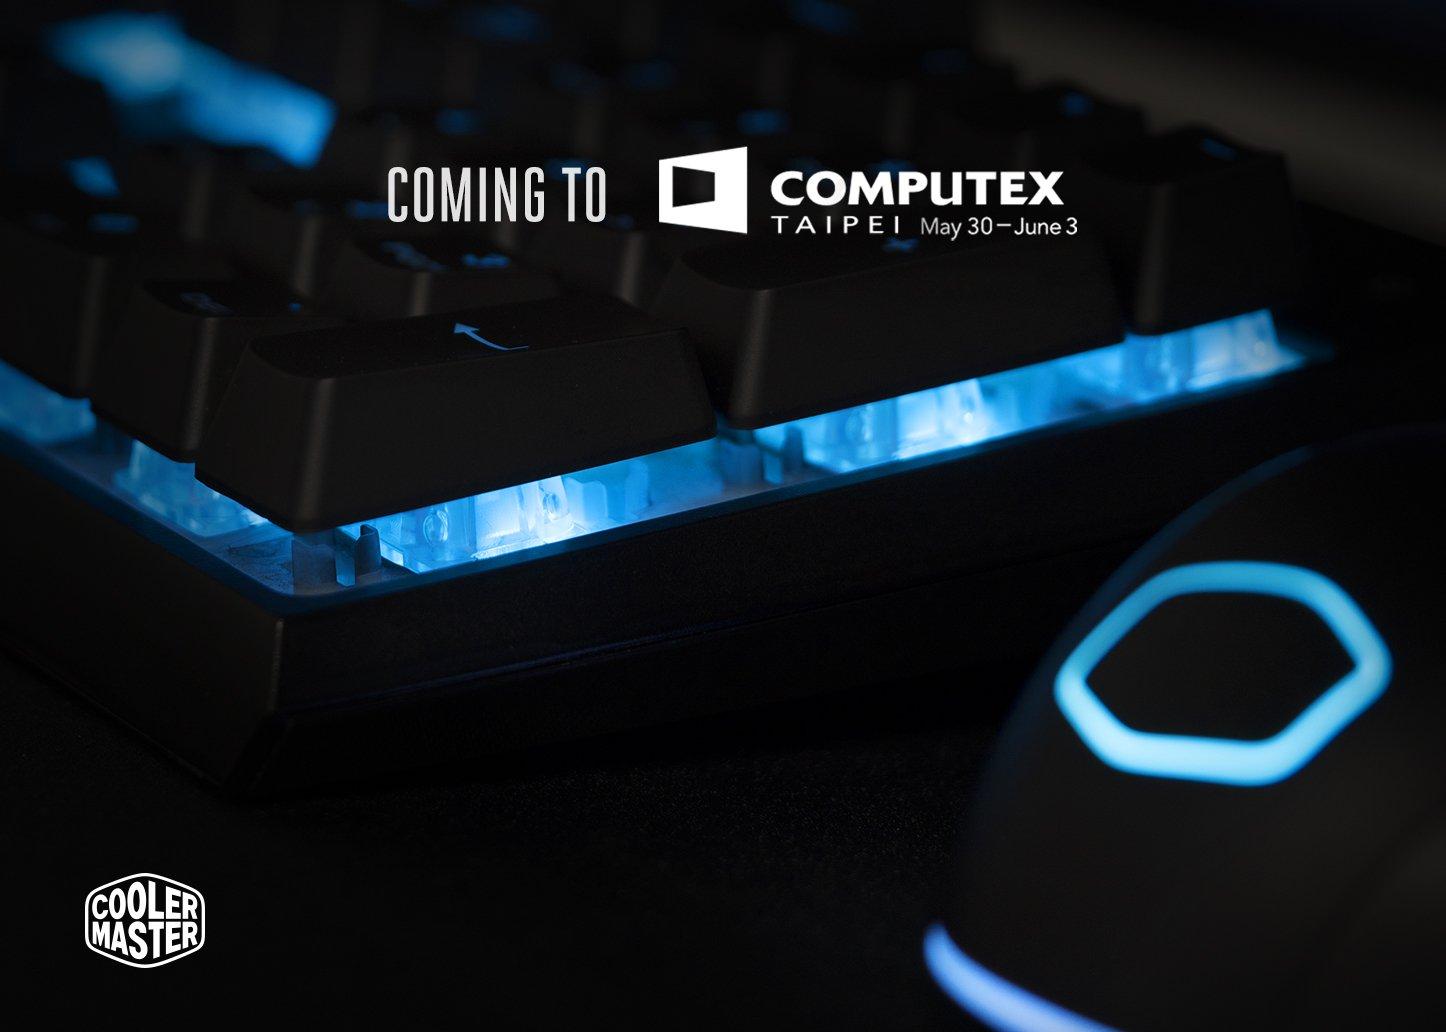 Cooler Master Computex Set_1 Teaser